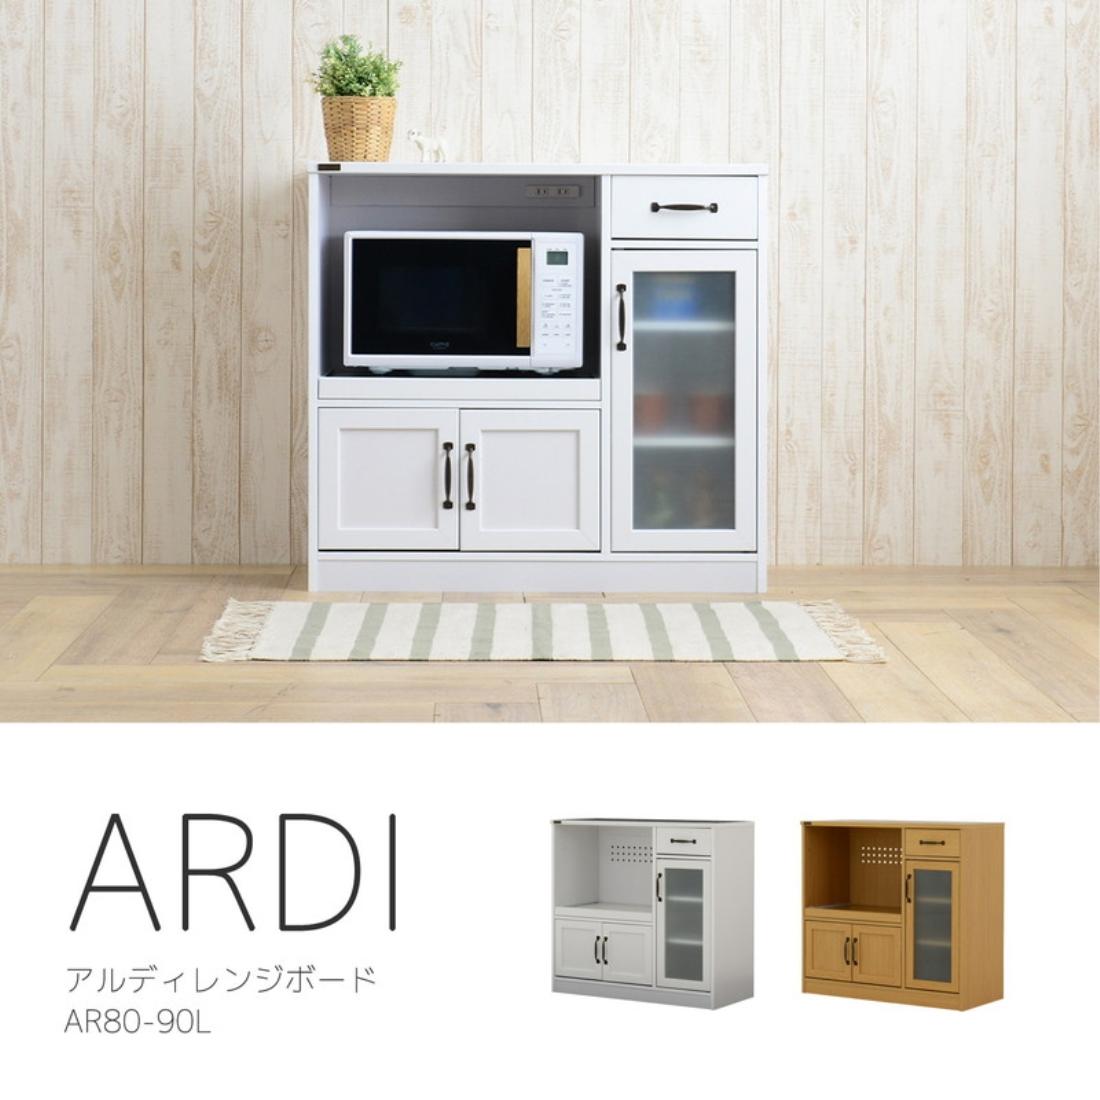 【送料無料】家具 キッチン 収納 ARDI(アルディ)レンジボード(ロータイプ 90cm幅) オシャレ